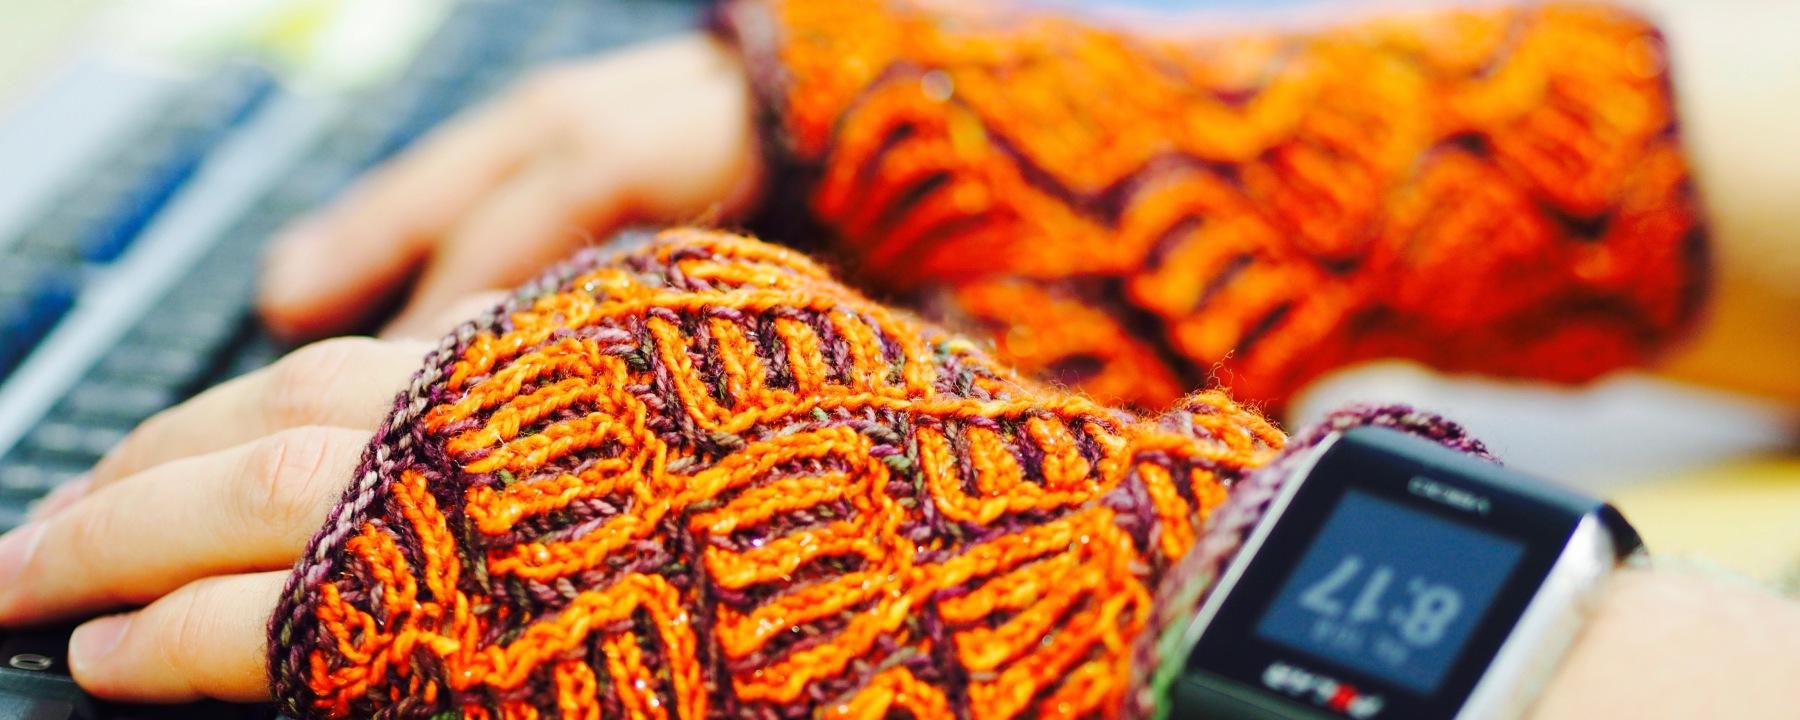 Allisonin sormettomien malliksi joutui pahaa aavistamaton miespuolinen (sirokäsinen) työtoveri. Langat ovat Handun Gimalletta (oranssi) ja Lanitum ex machinan käsinvärjättyä ohutta sukkalankaa. Kuva Susa Junnola, Moreeni 2016.